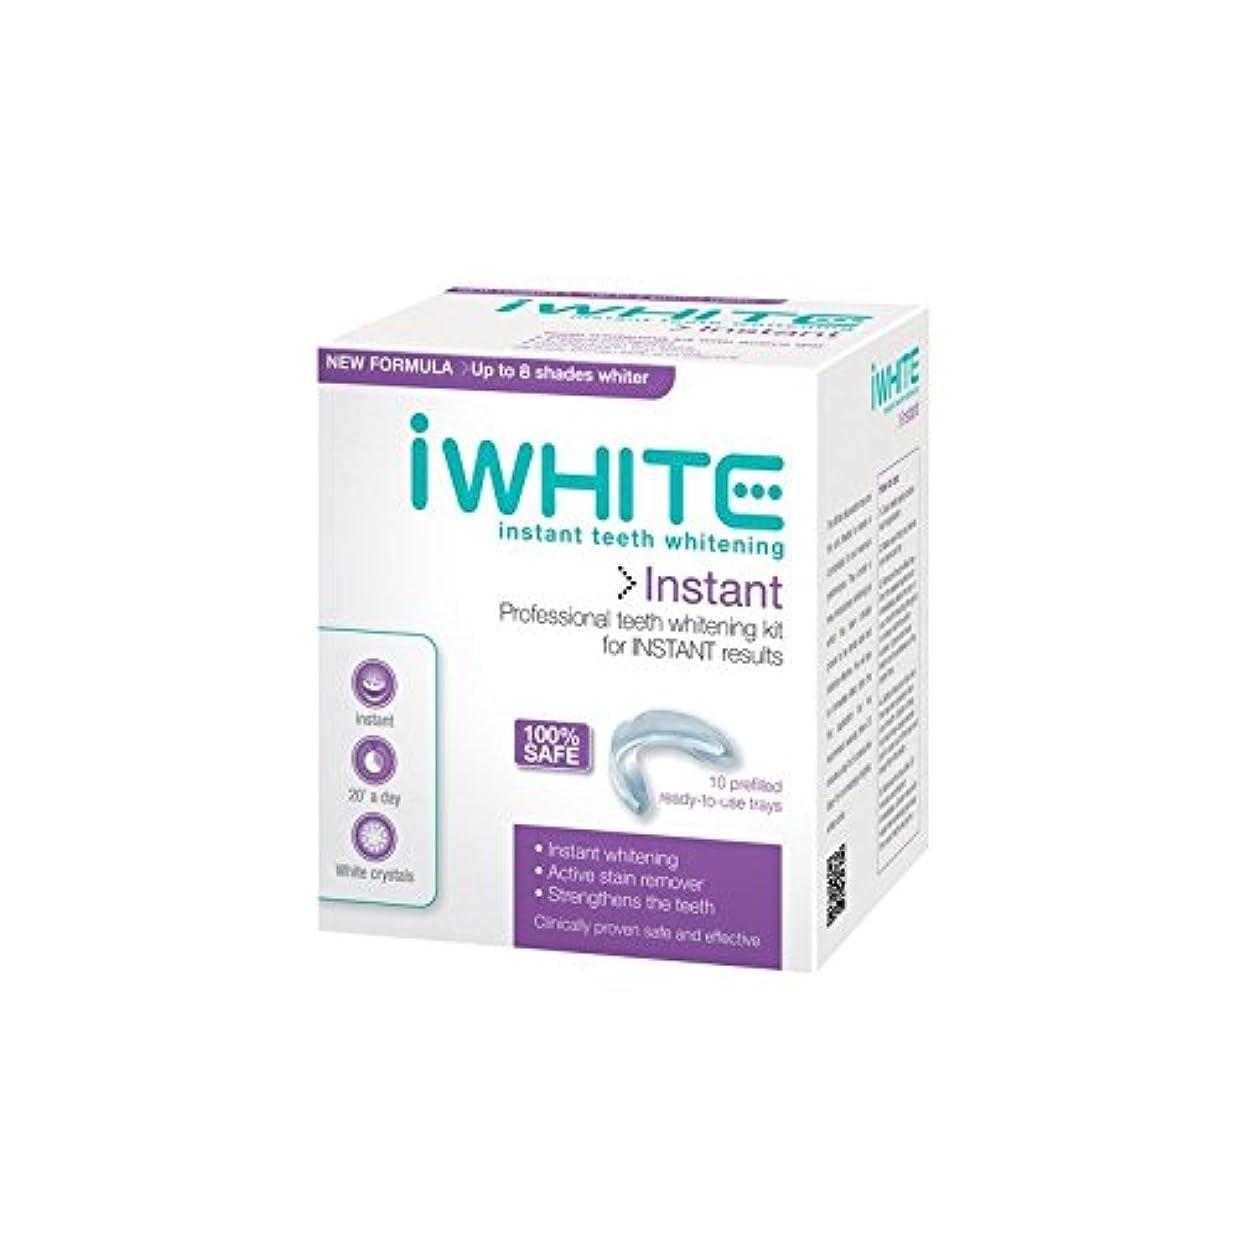 目に見える過度の雪iWhite Instant Professional Teeth Whitening Kit (10 Trays) (Pack of 6) - キットを白くするインスタントプロの歯(10個のトレー) x6 [並行輸入品]